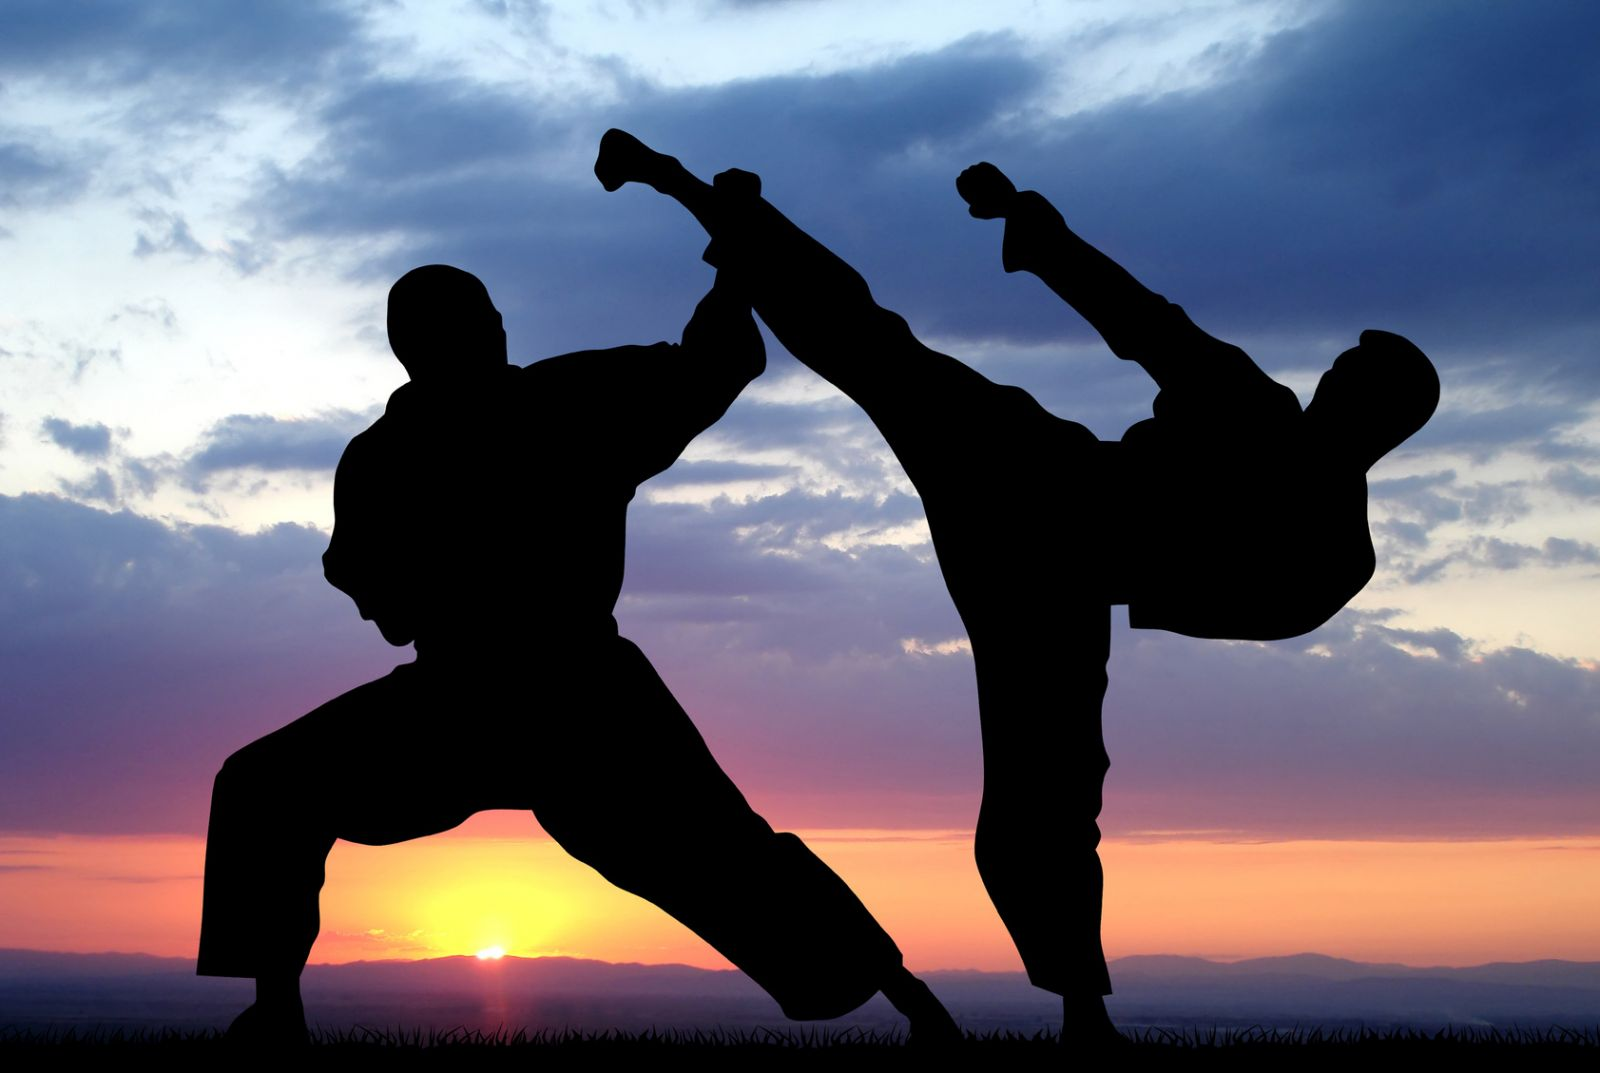 Боевые искусства. Спортивное и боевое единоборство